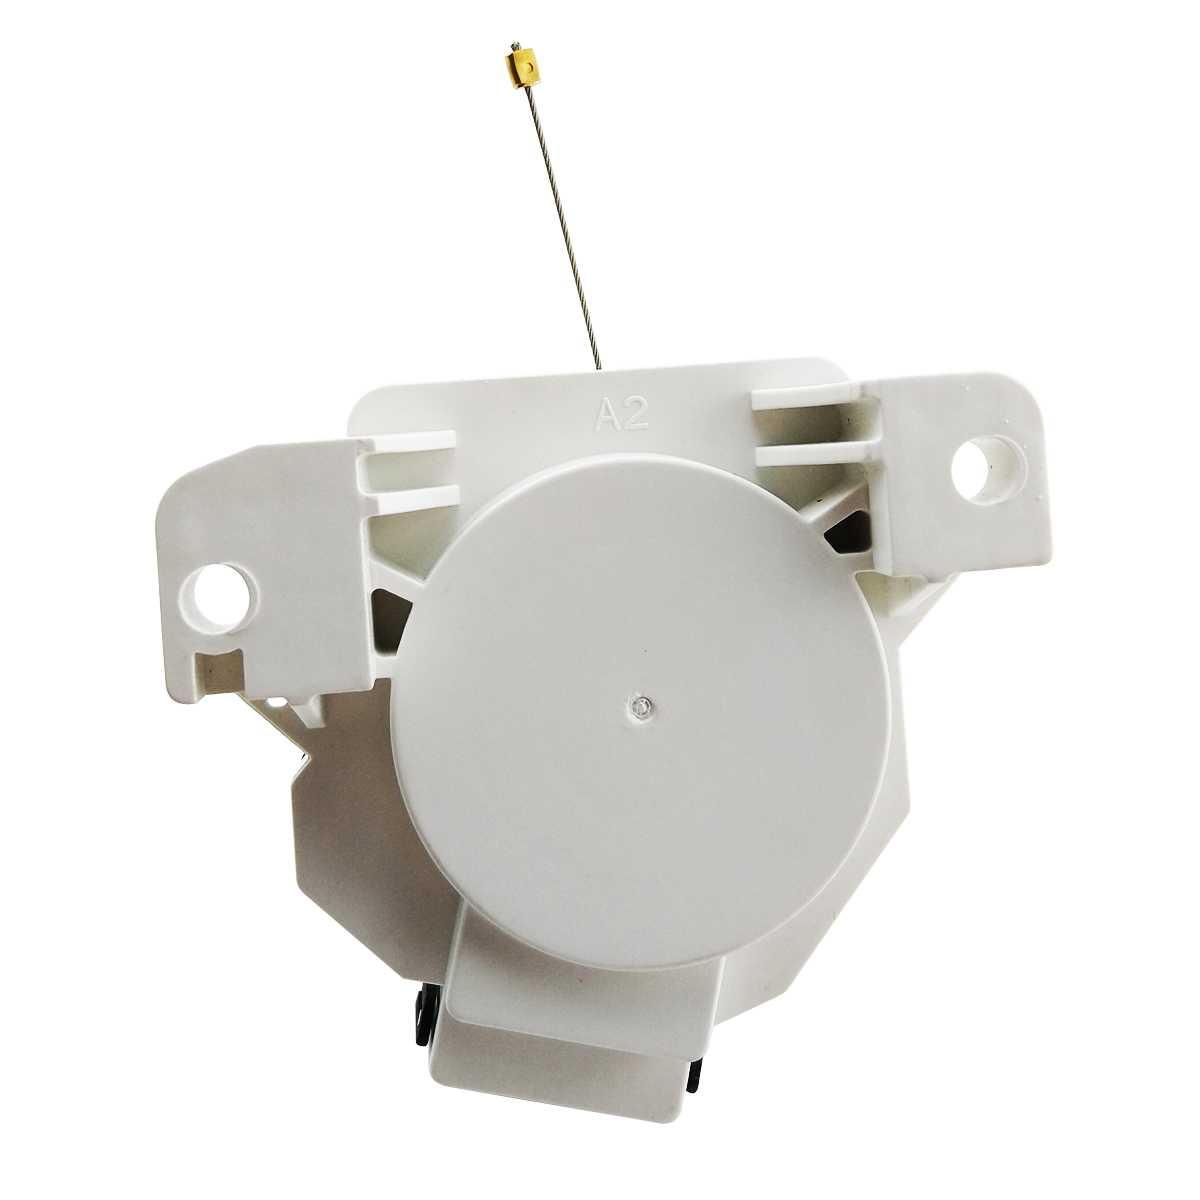 Atuador doa freio da lavadora Electrolux LEILI 127V LTE08, LTE07